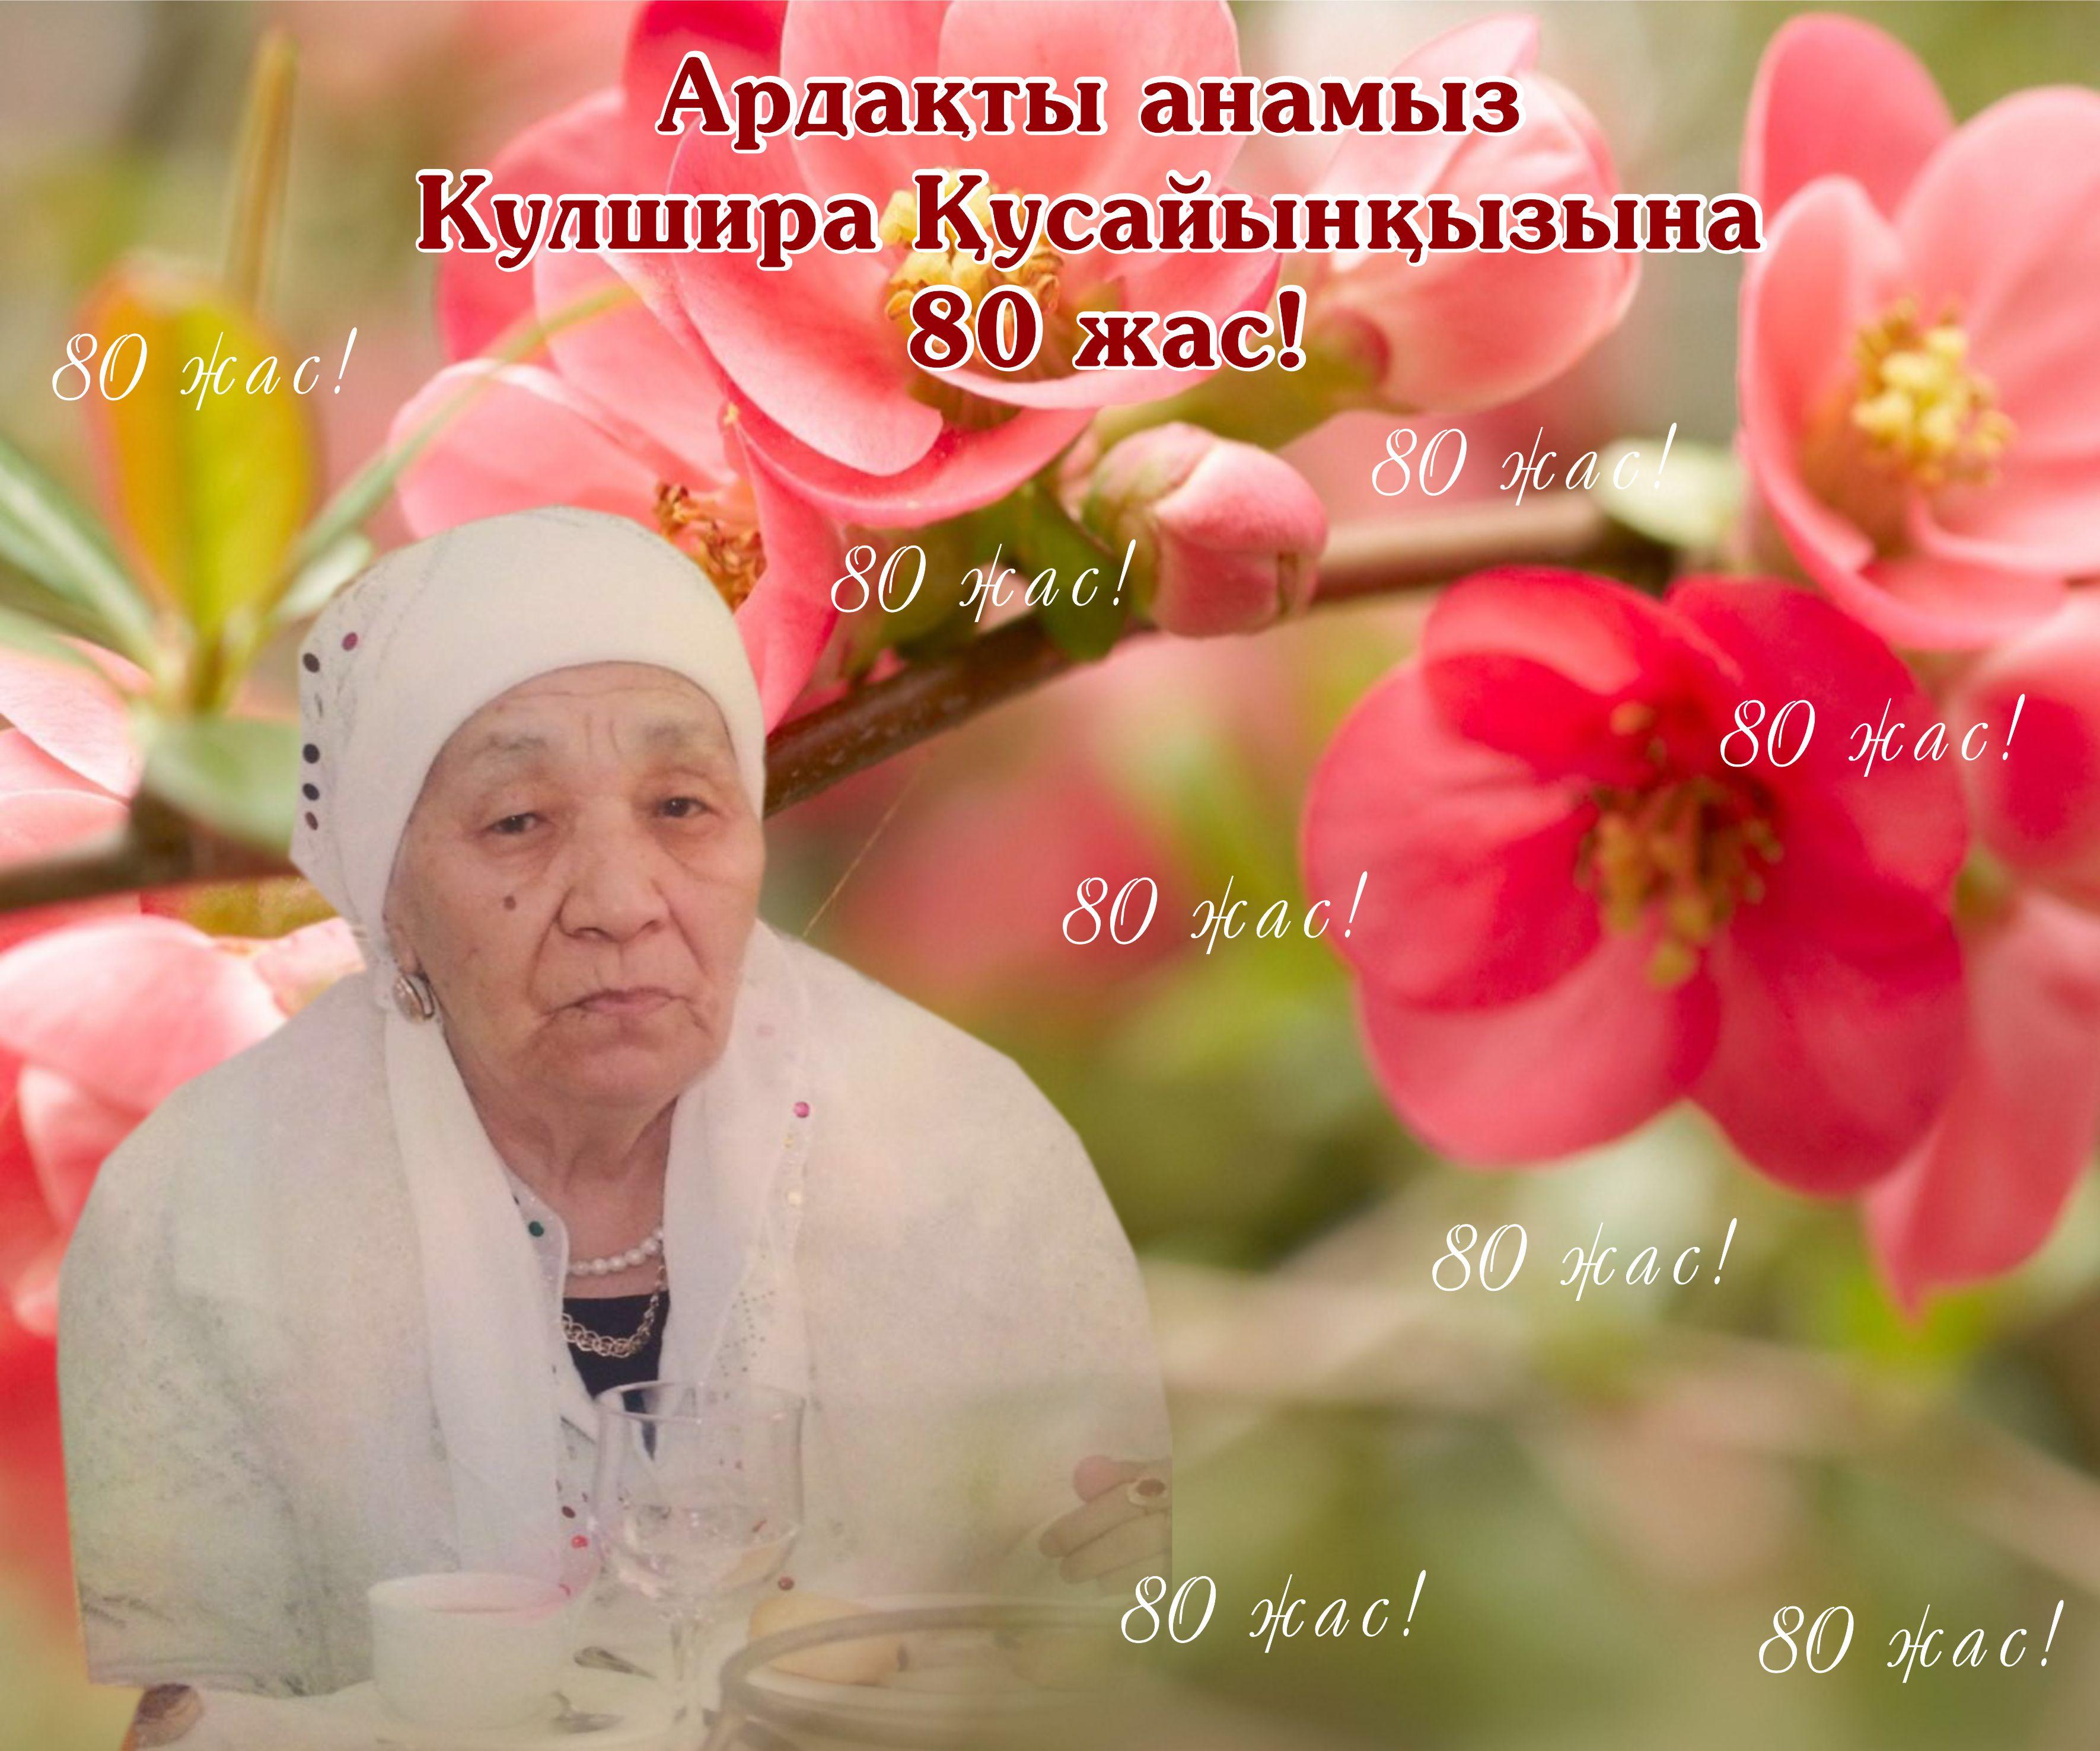 юбилей_оформление_шарами_пресс_стена_80_лет.jpg